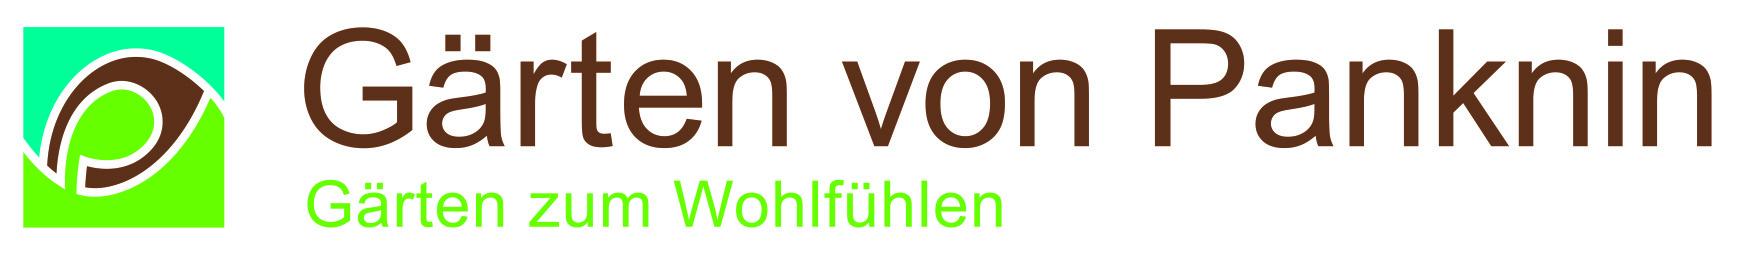 Logo des Garten- und Landschaftsbaubetriebes Gärten von Panknin GmbH aus Apolda.